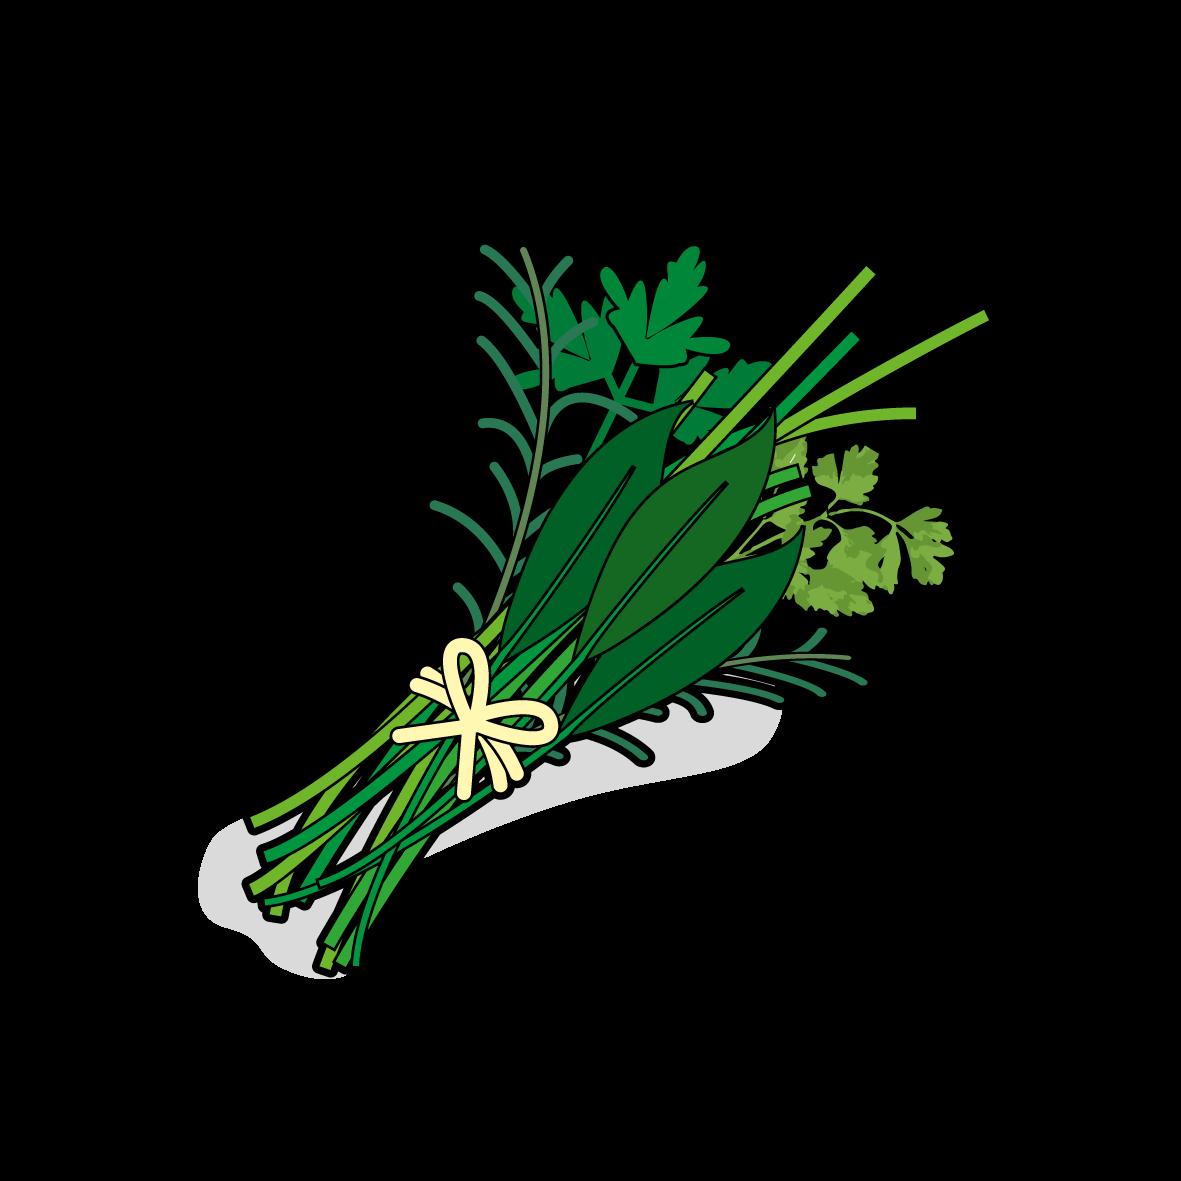 Icone d'un bouquet d'herbes, ailmacocotte.com